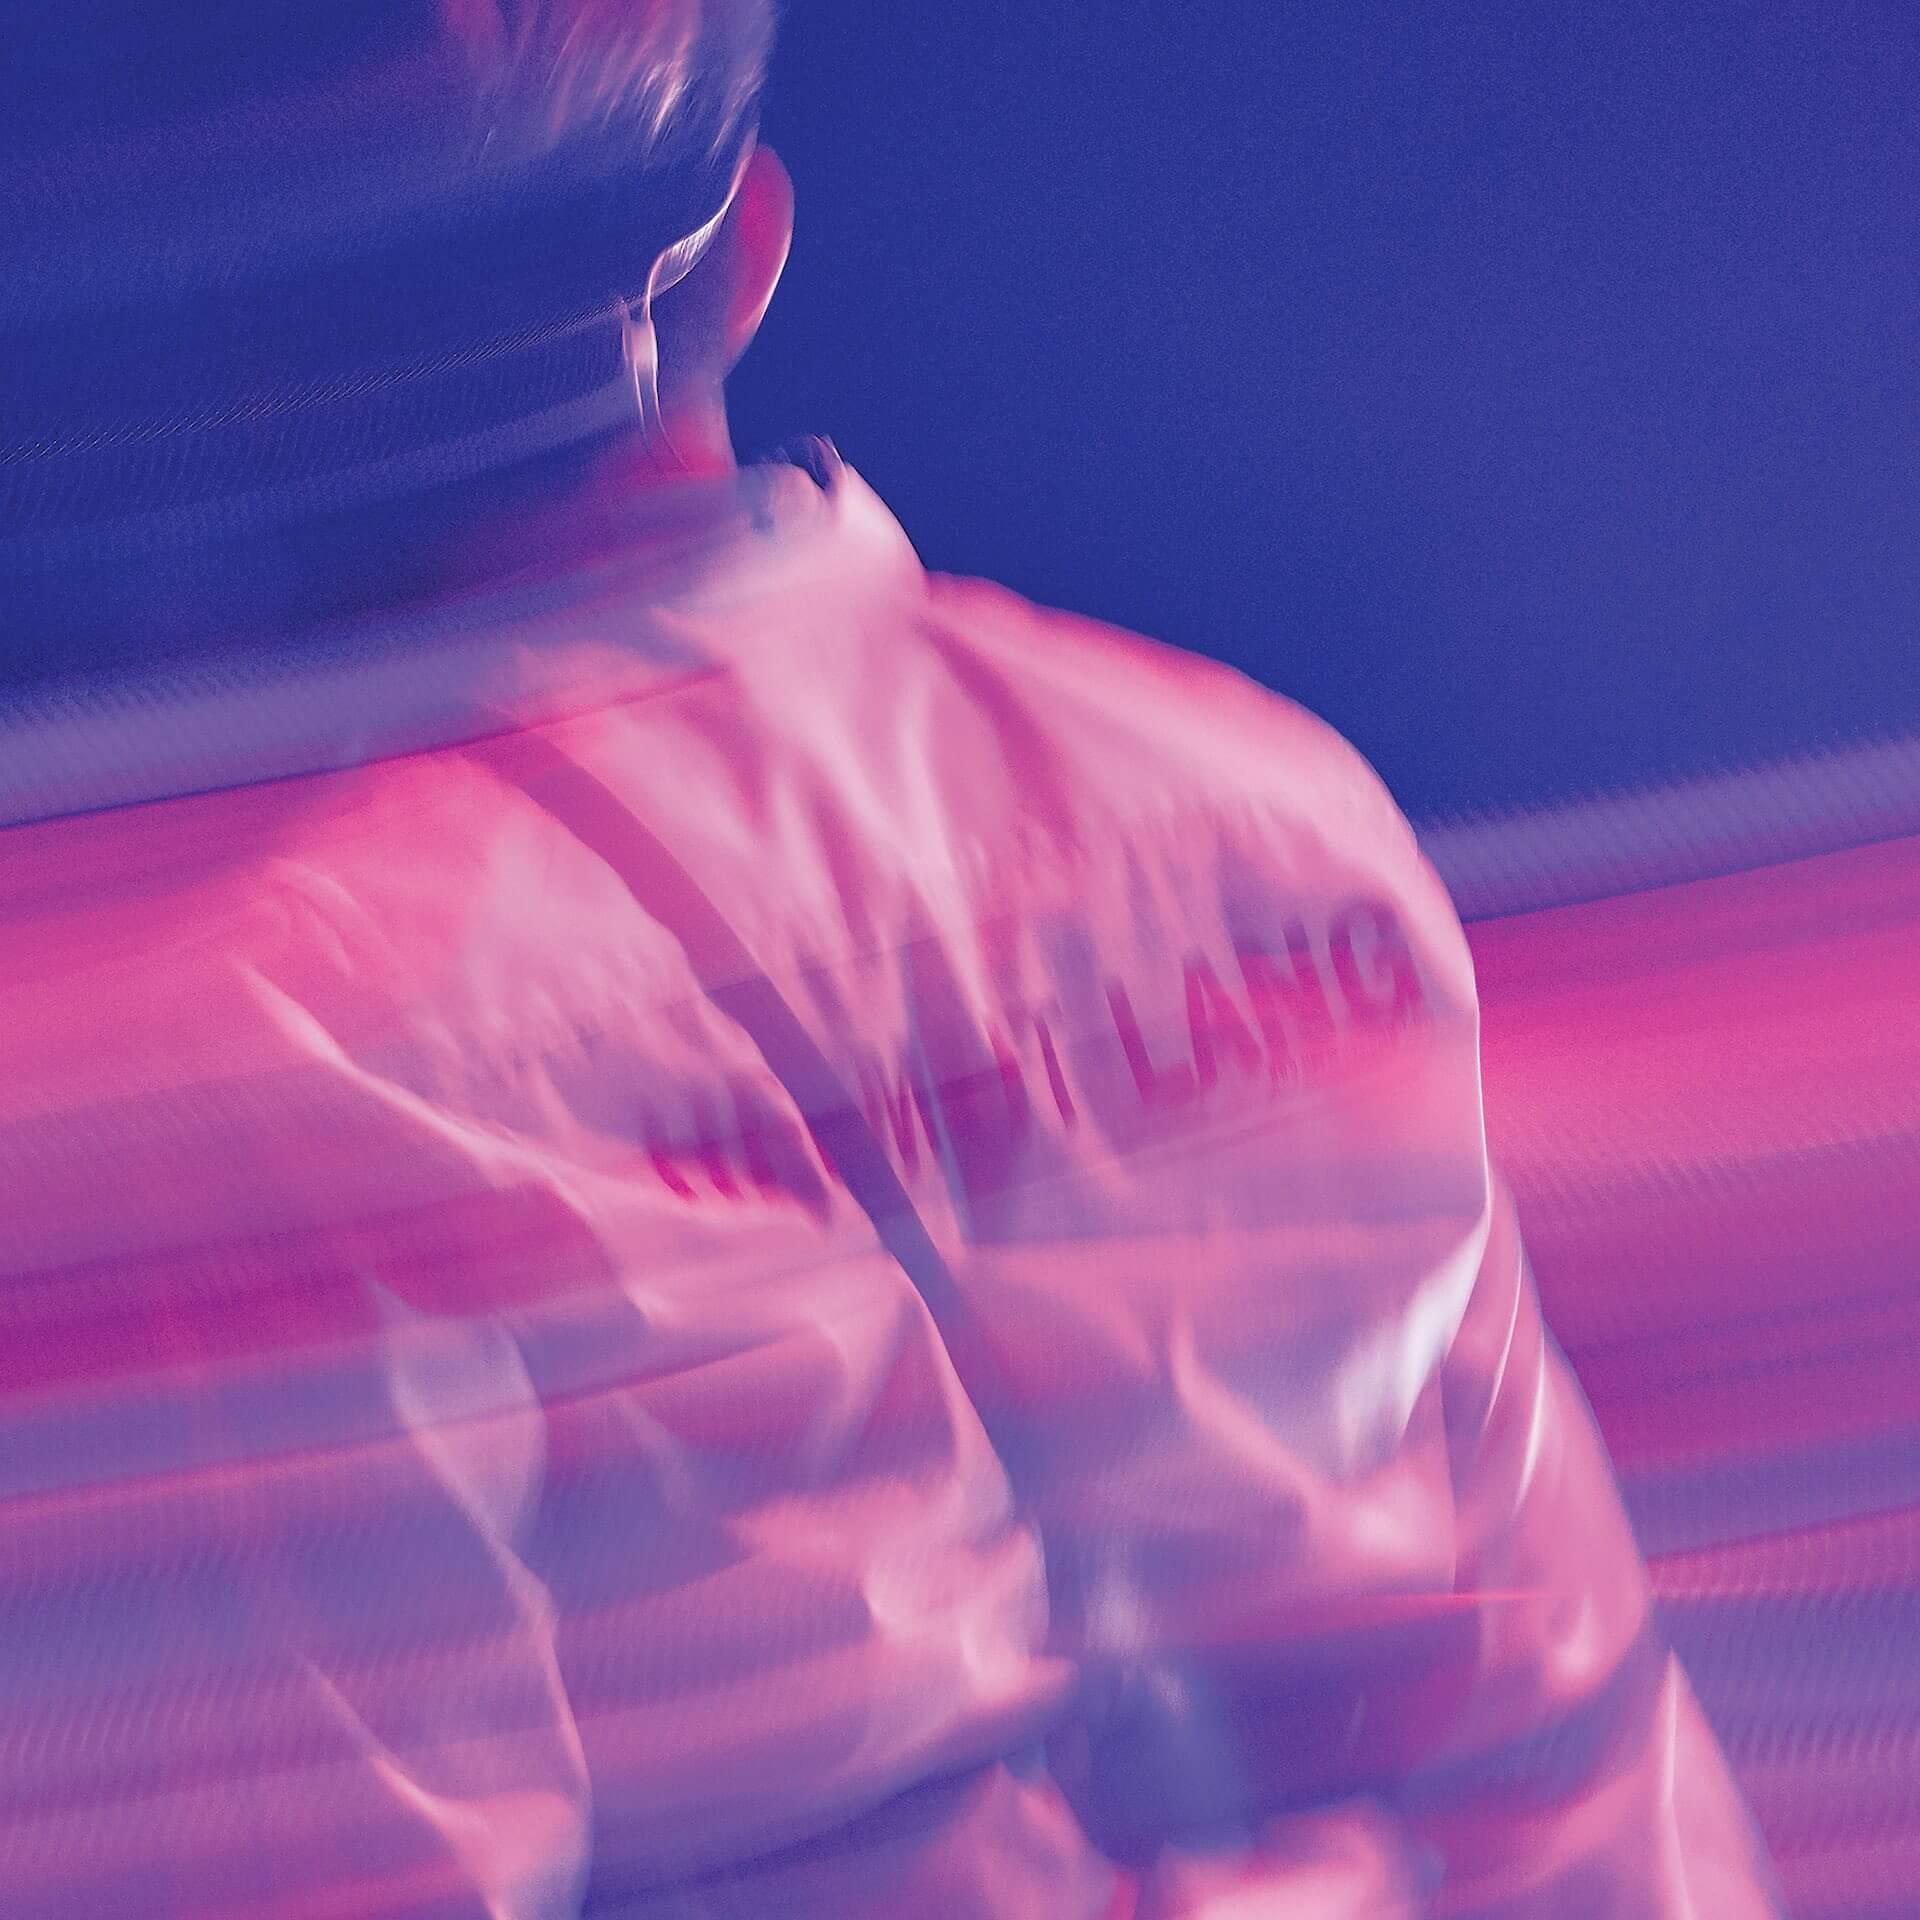 向井太一が<SAVAGE TOUR 2019>のLIVE ALBUM&VIDEOを配信リリース!Zepp Tokyo公演の模様もYouTubeで公開 music200617_mukaitaichi_02